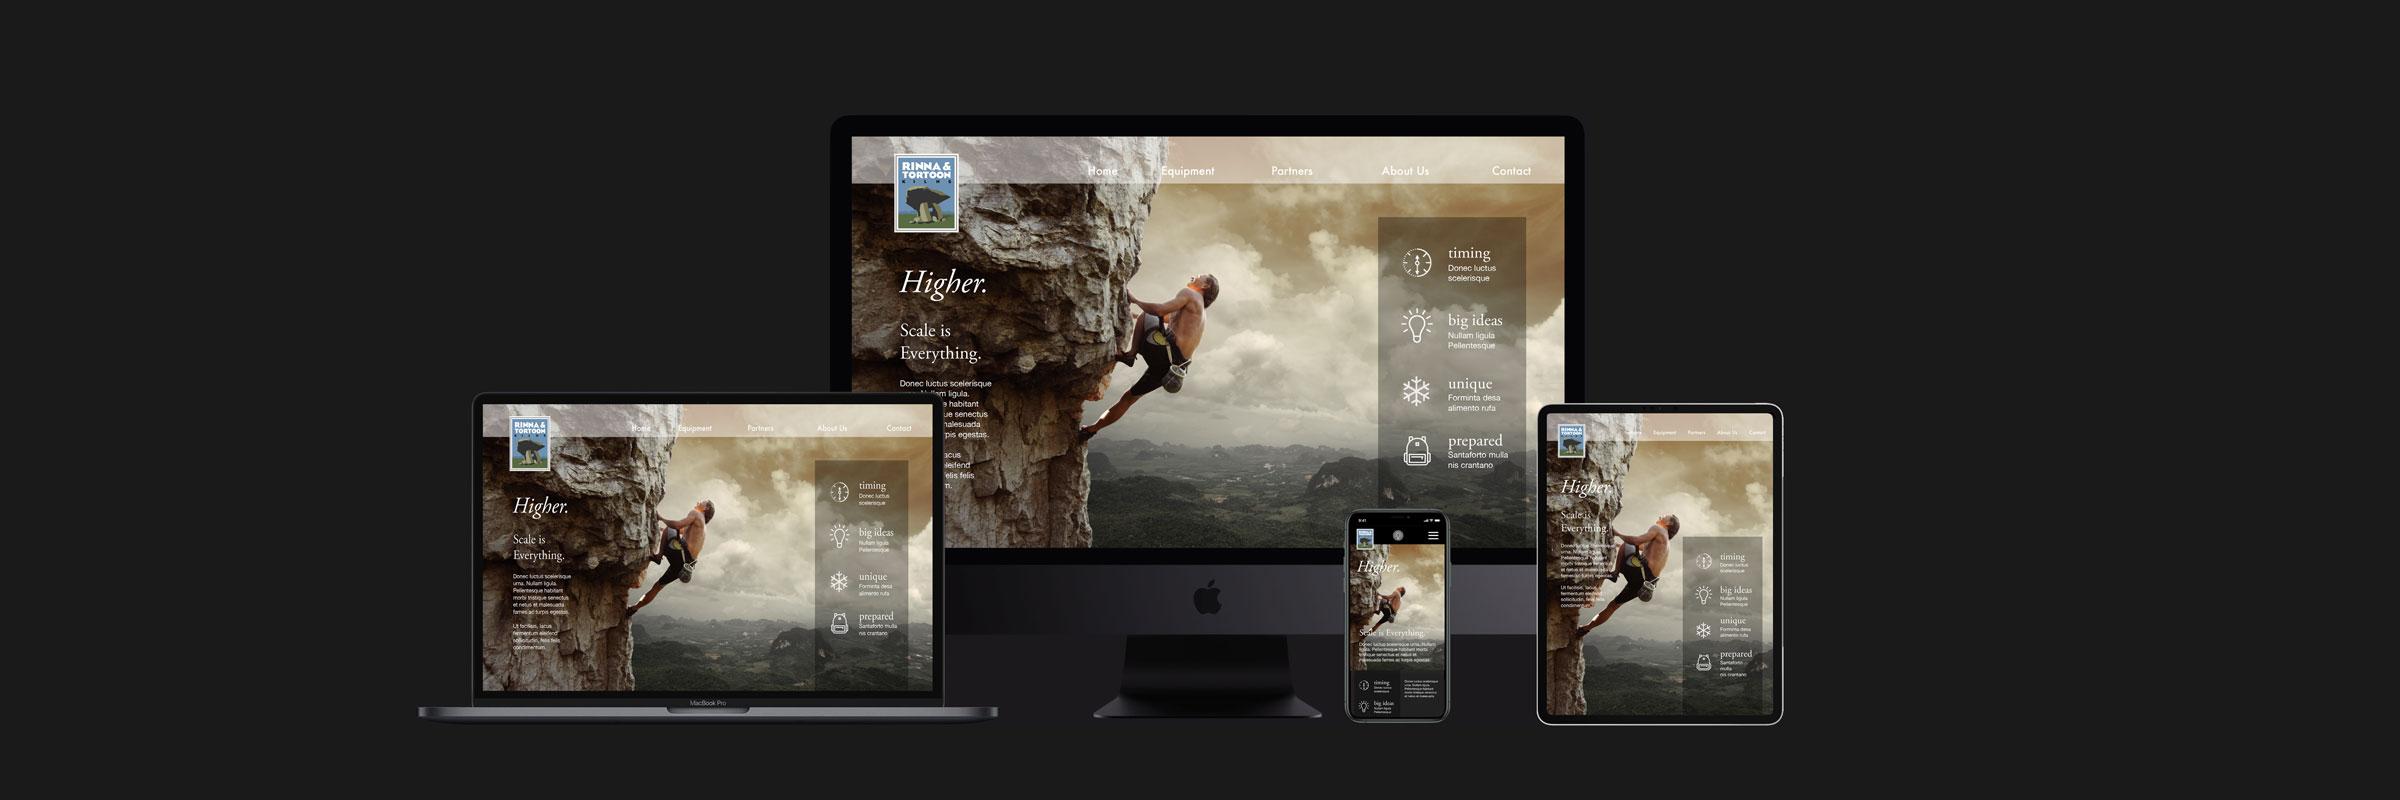 seaver web design responsive screens